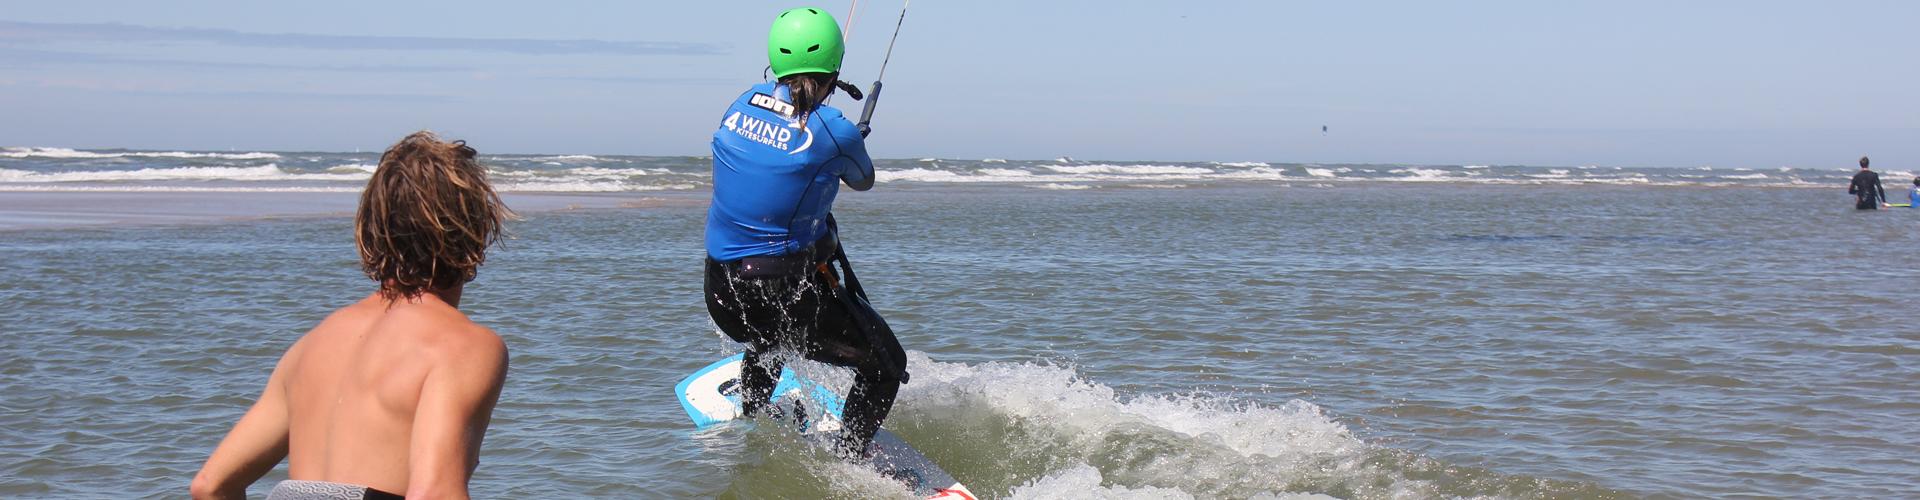 dé kitesurfschool van noord-holland. aan de prachtige noordzee leren kitesurfen